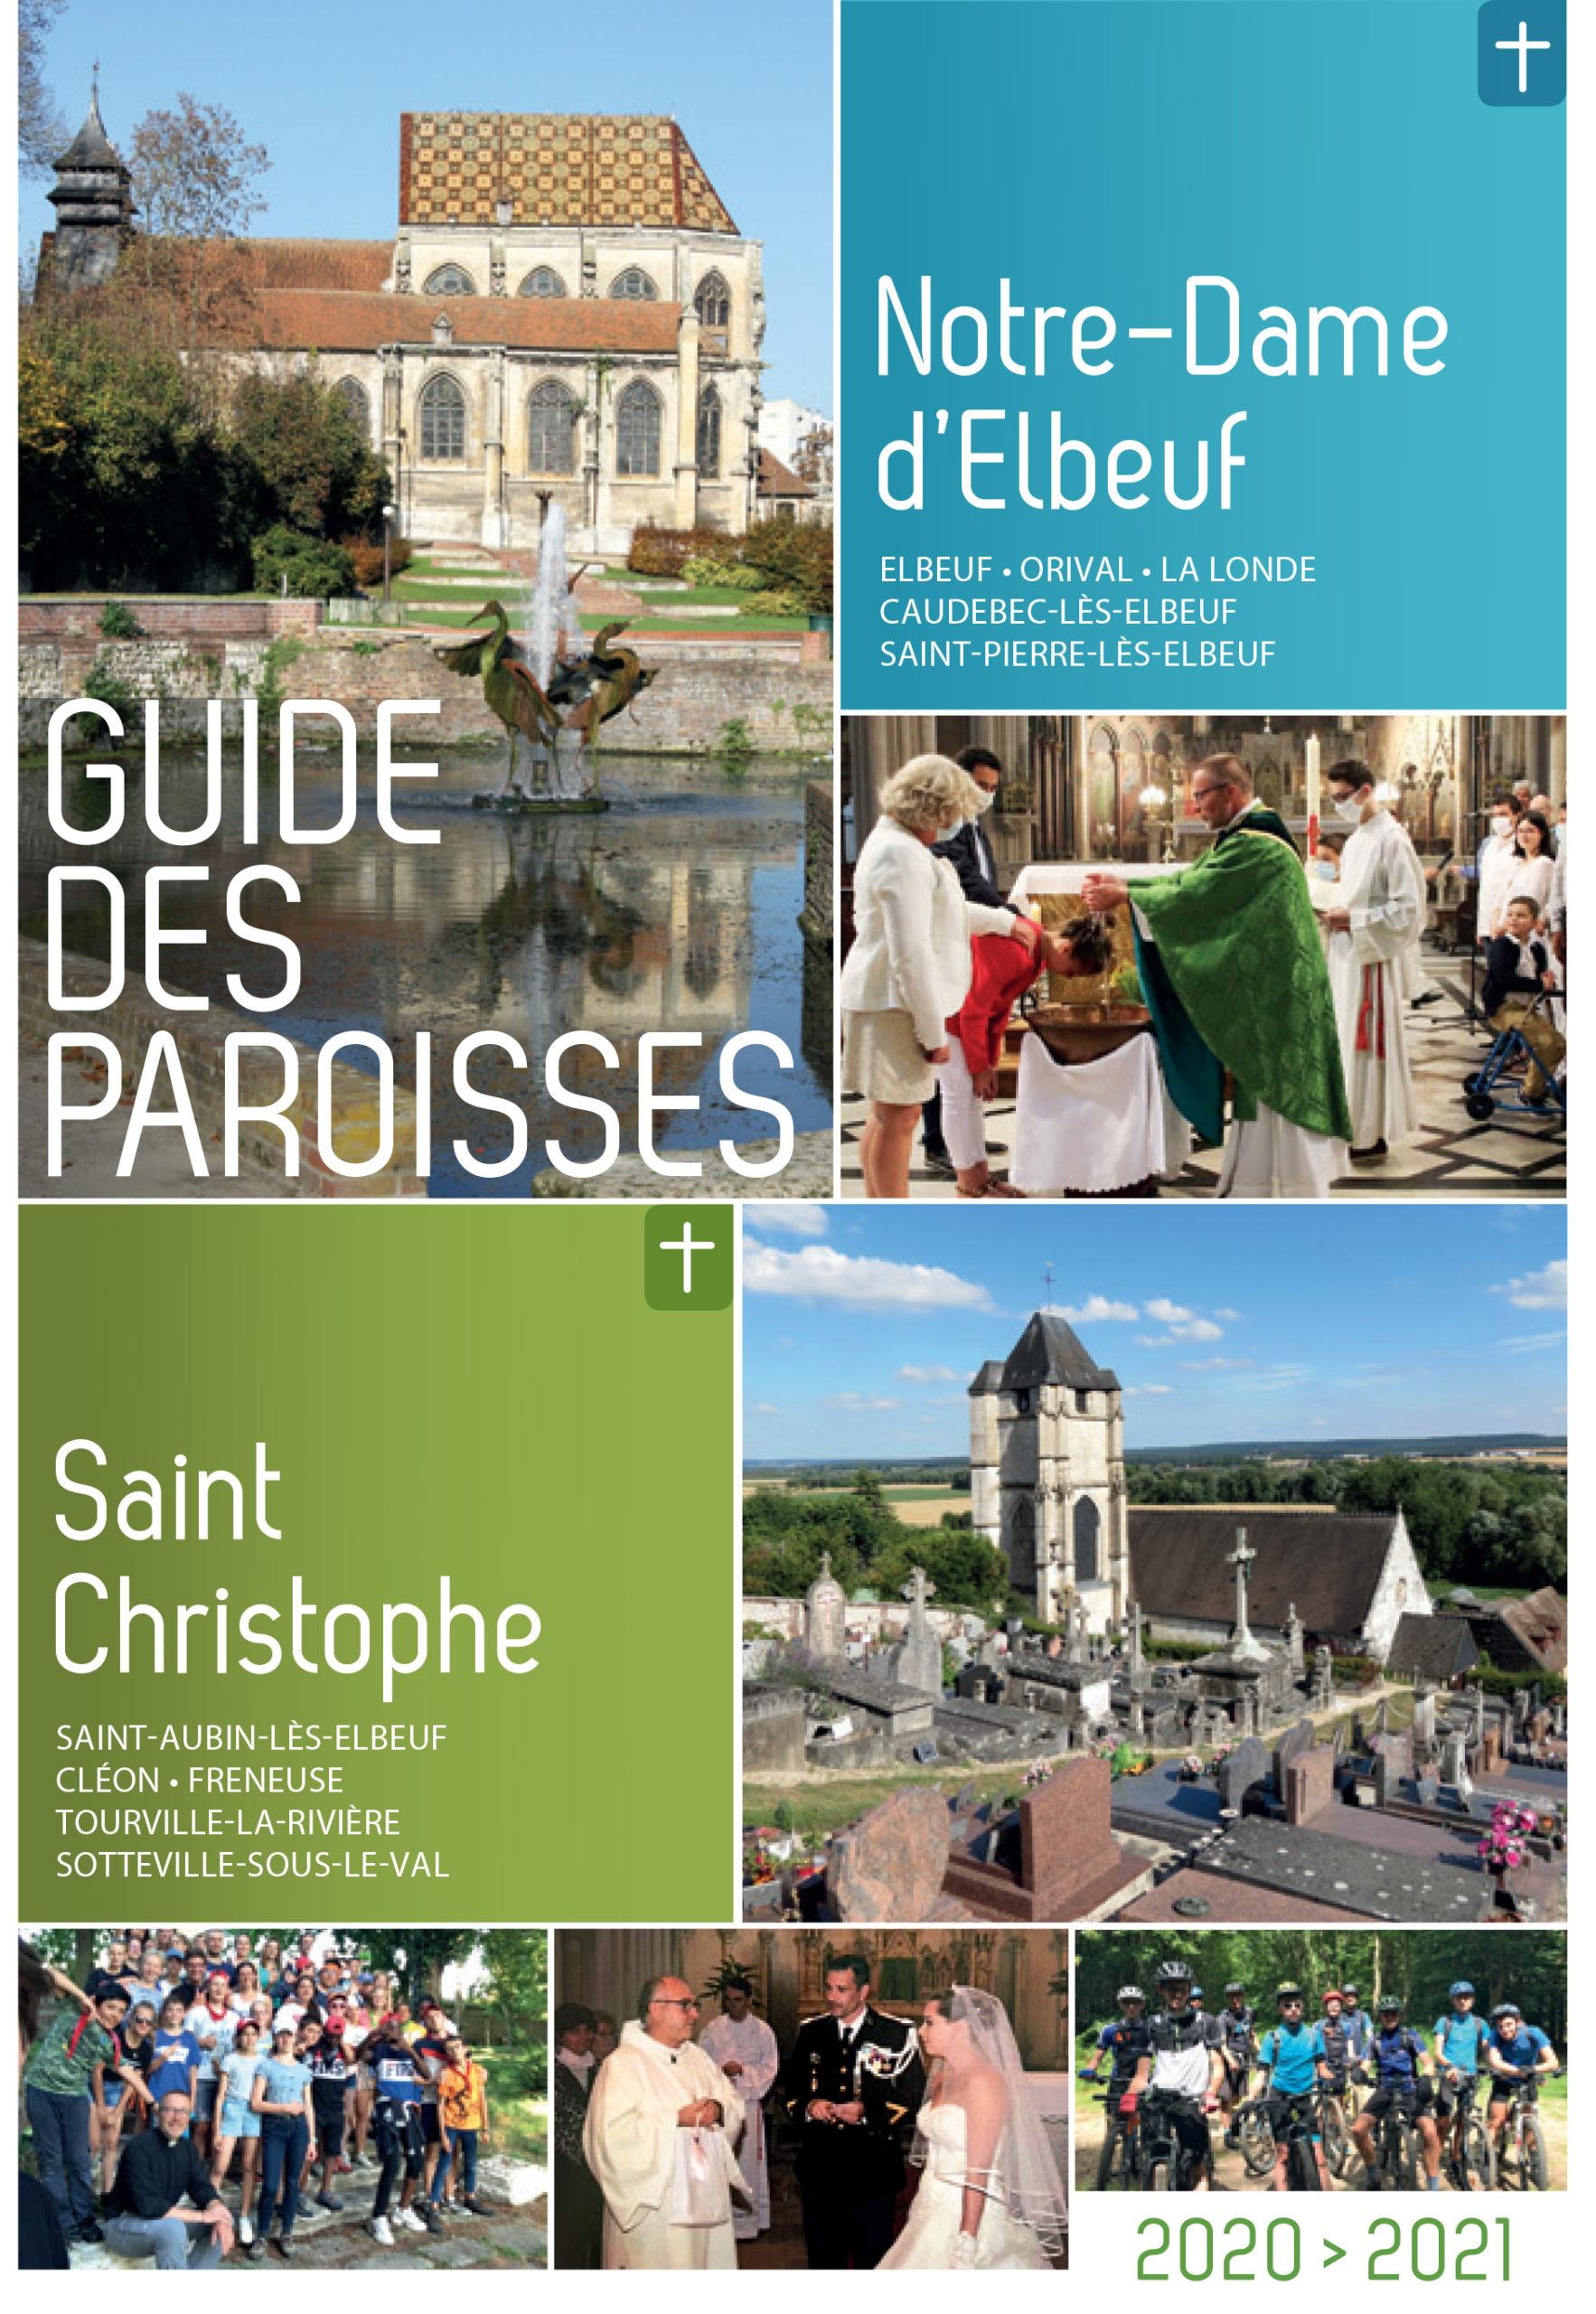 41013 - Guide paroisse Elbeuf 2020 - Relecture 5-1